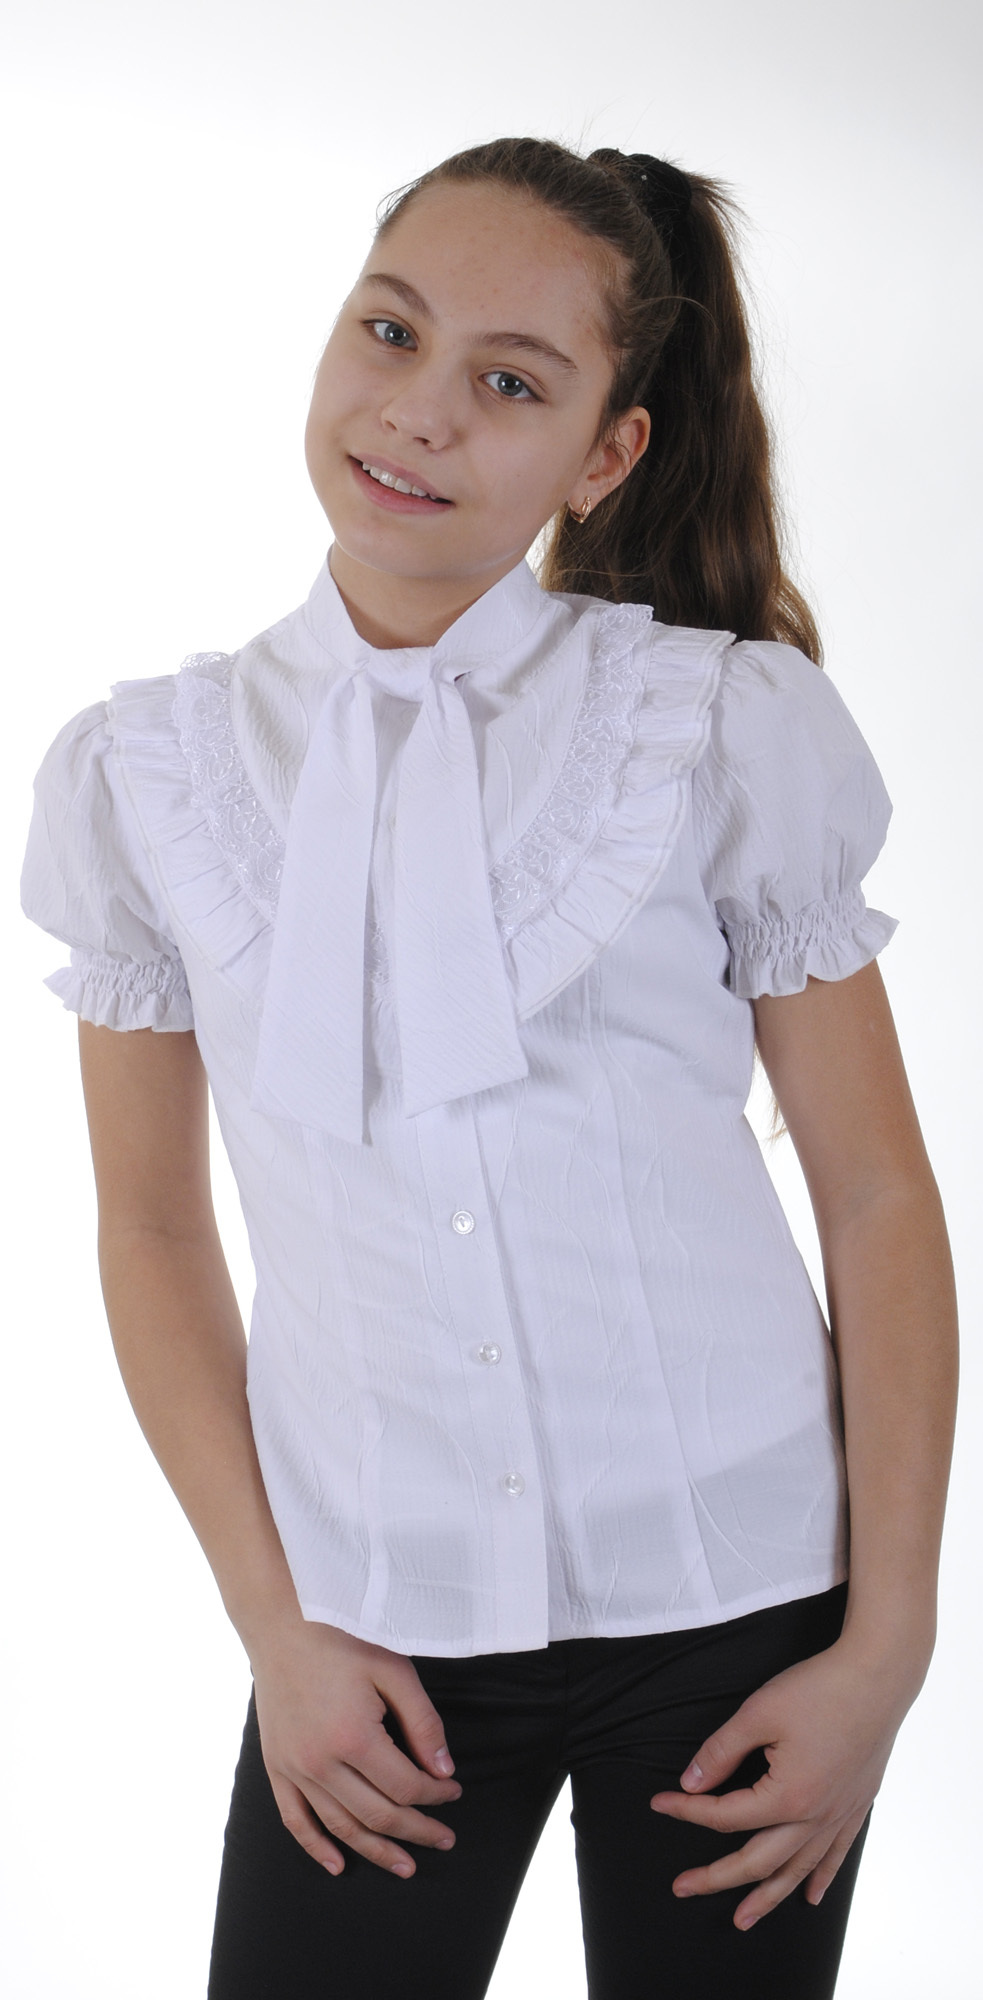 Купить Школьную Блузку Белую